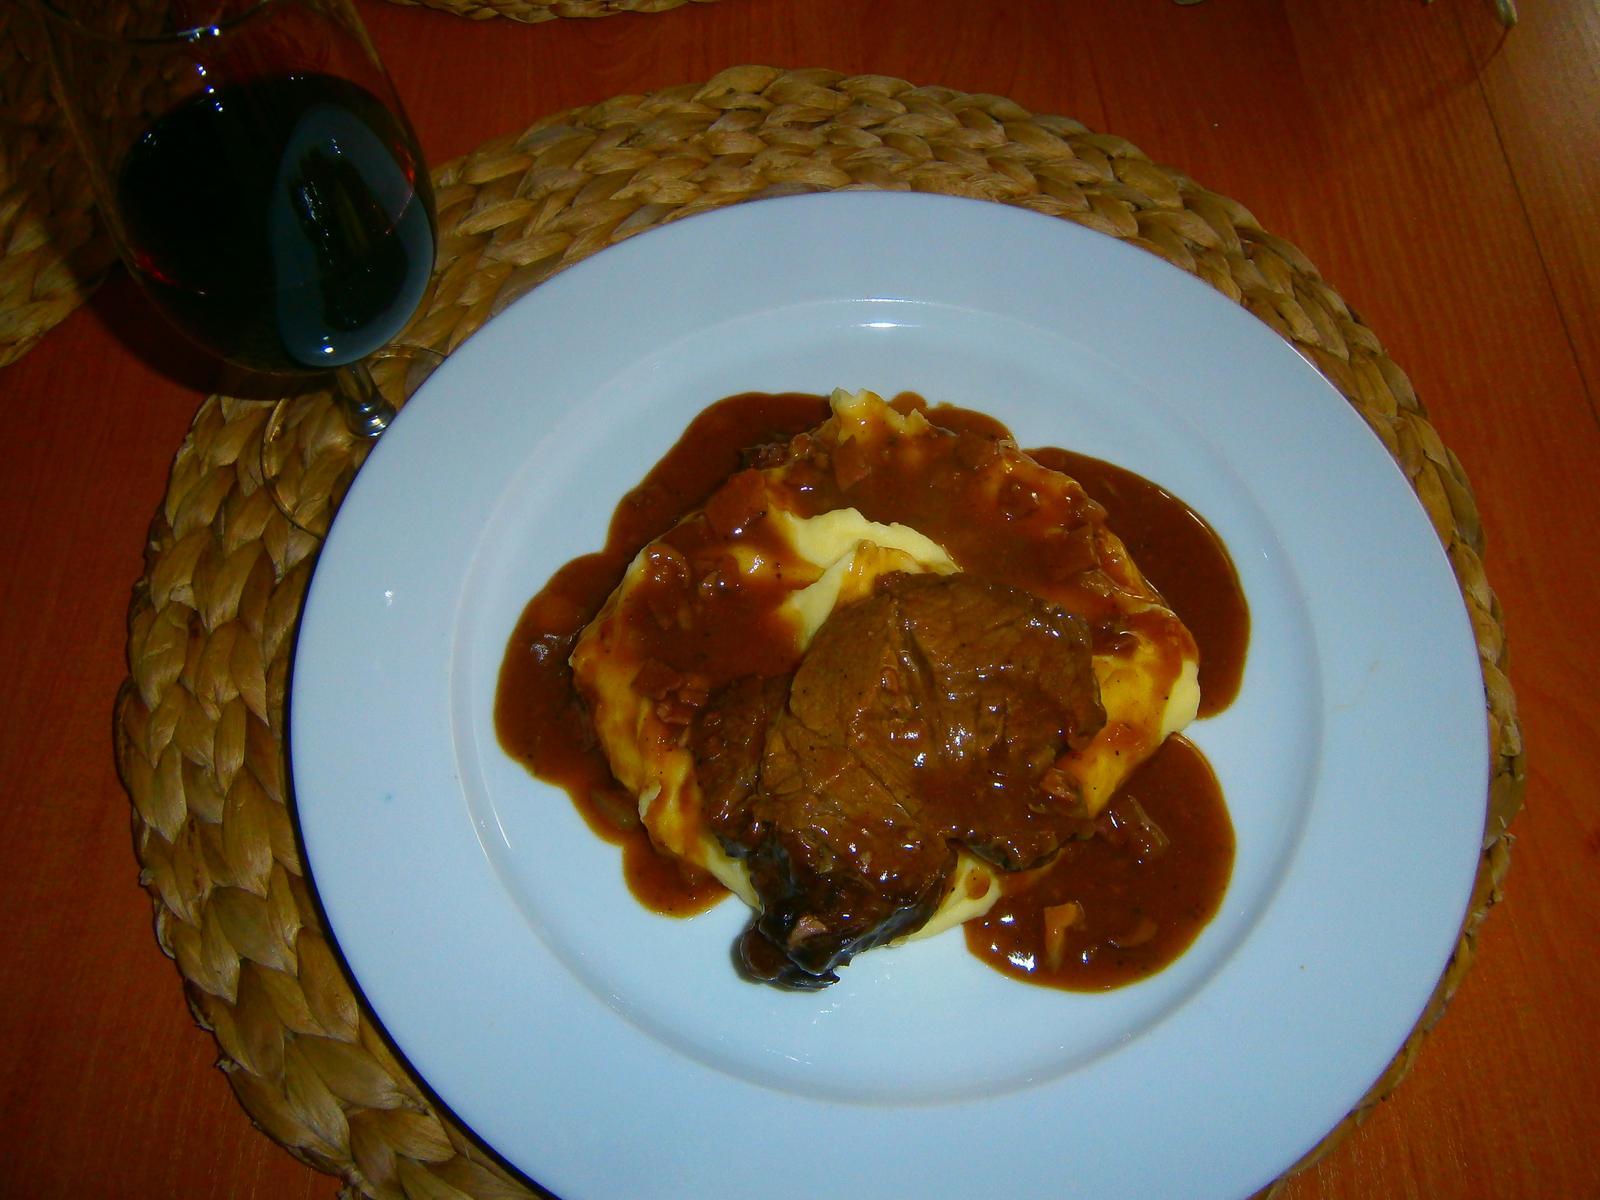 Hokus pokus v kuchyni - hovězí krk na červeném víně s kaší, recept z alberta :-)